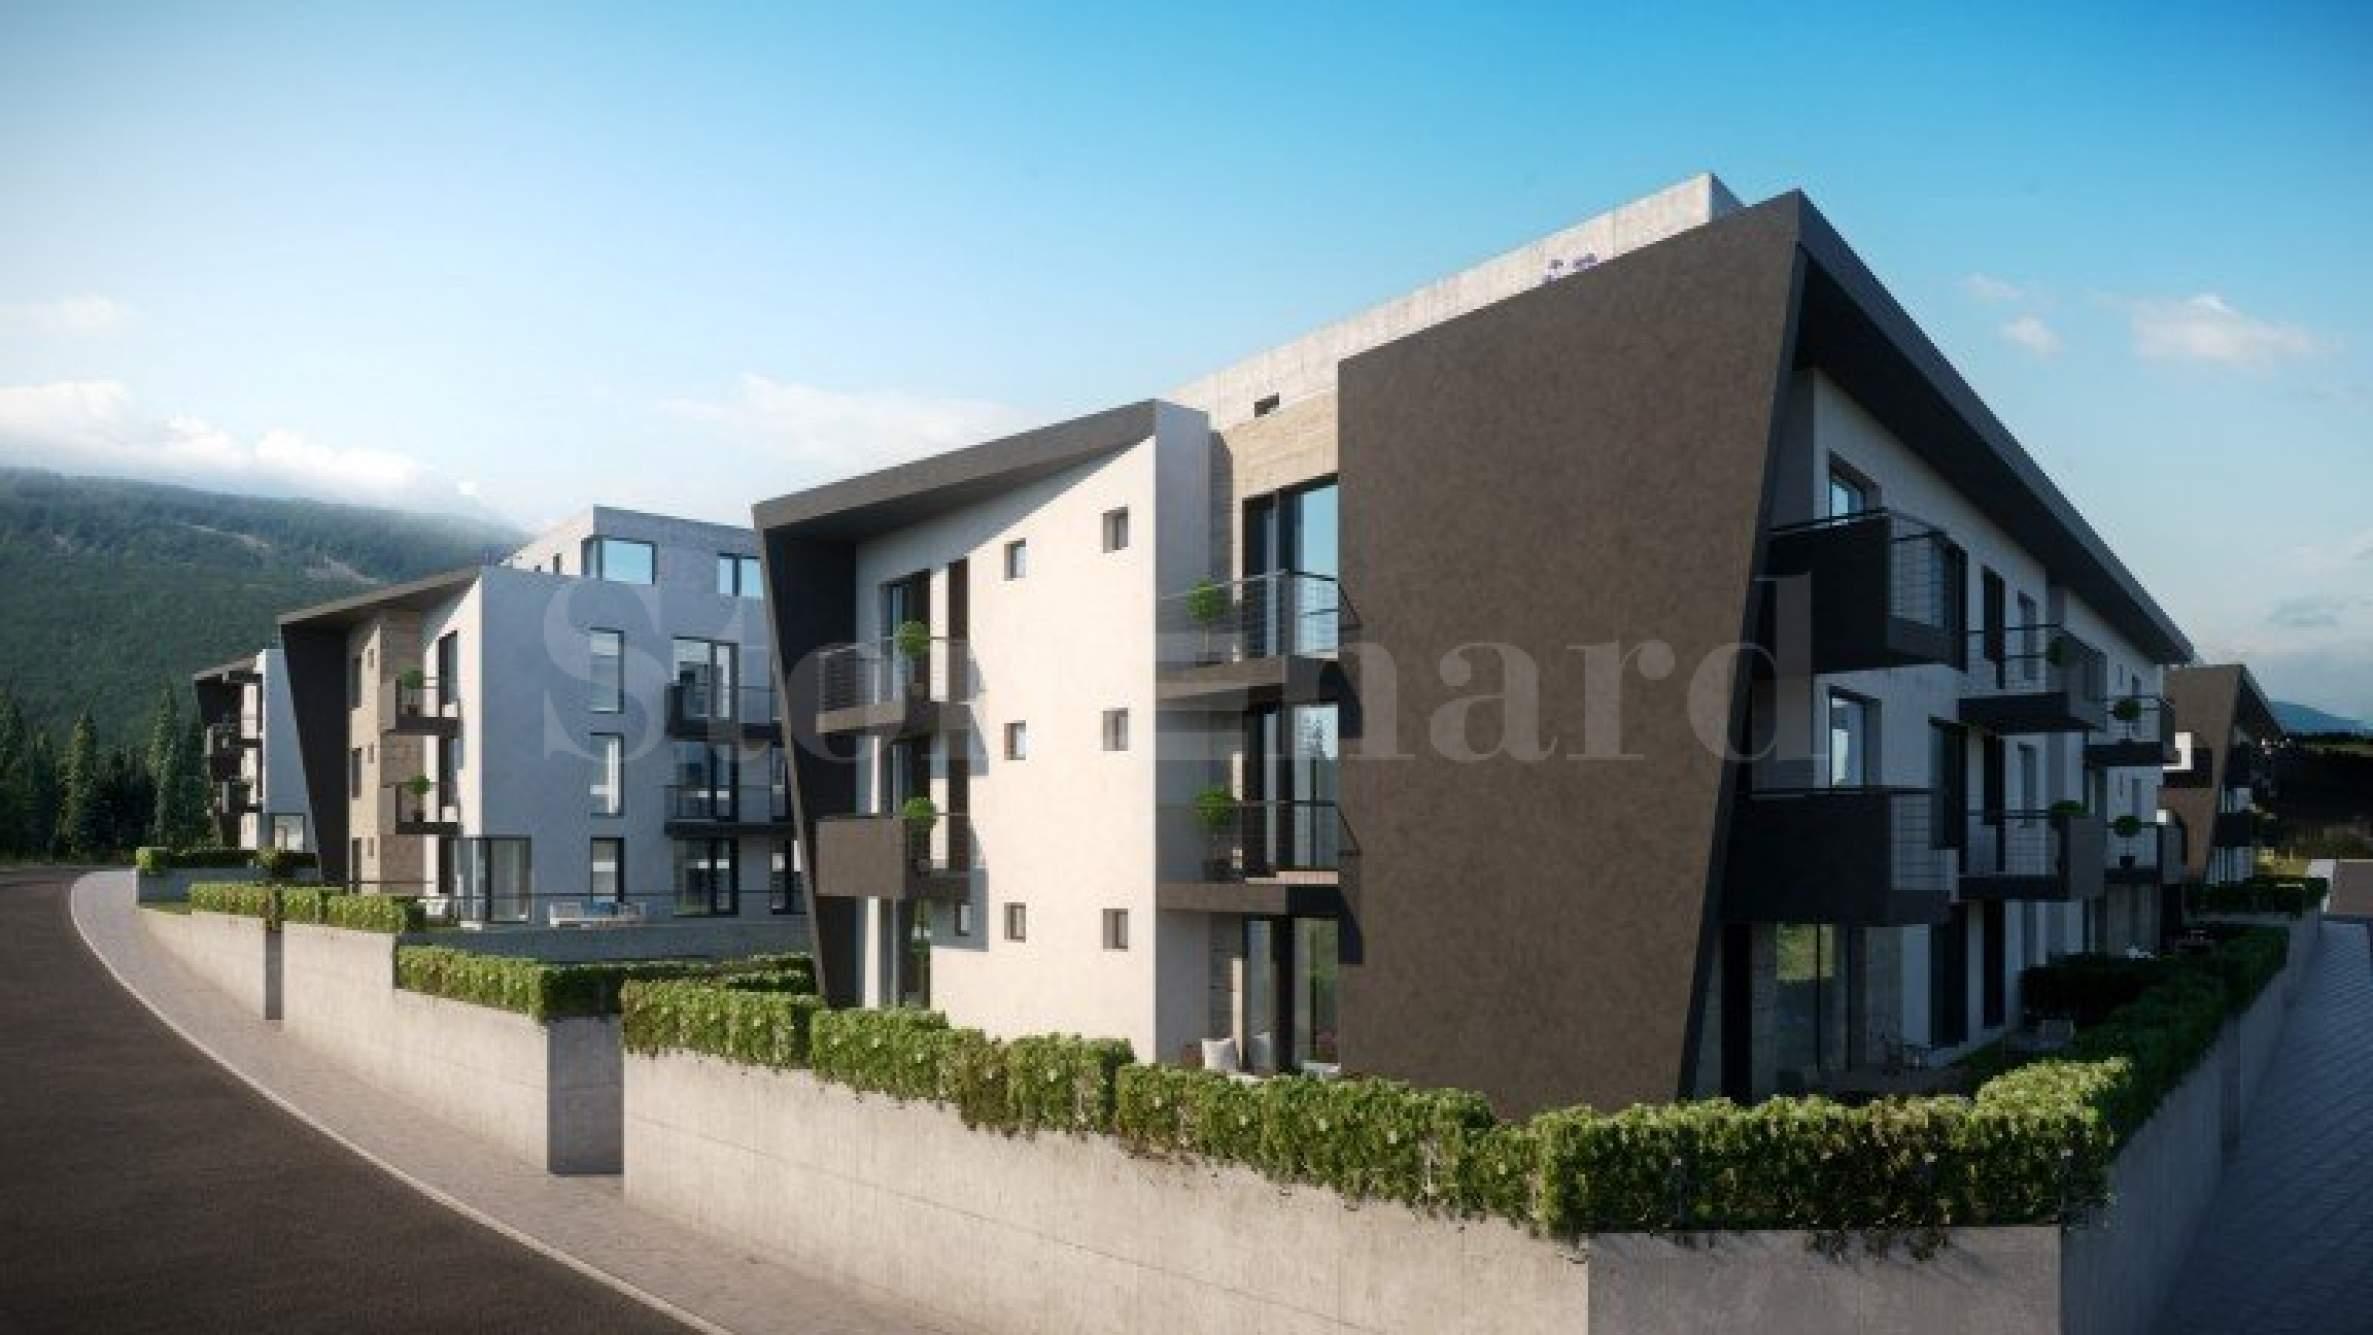 Затворен комплекс с просторни апартаменти в предпочитан район на София2 - Stonehard